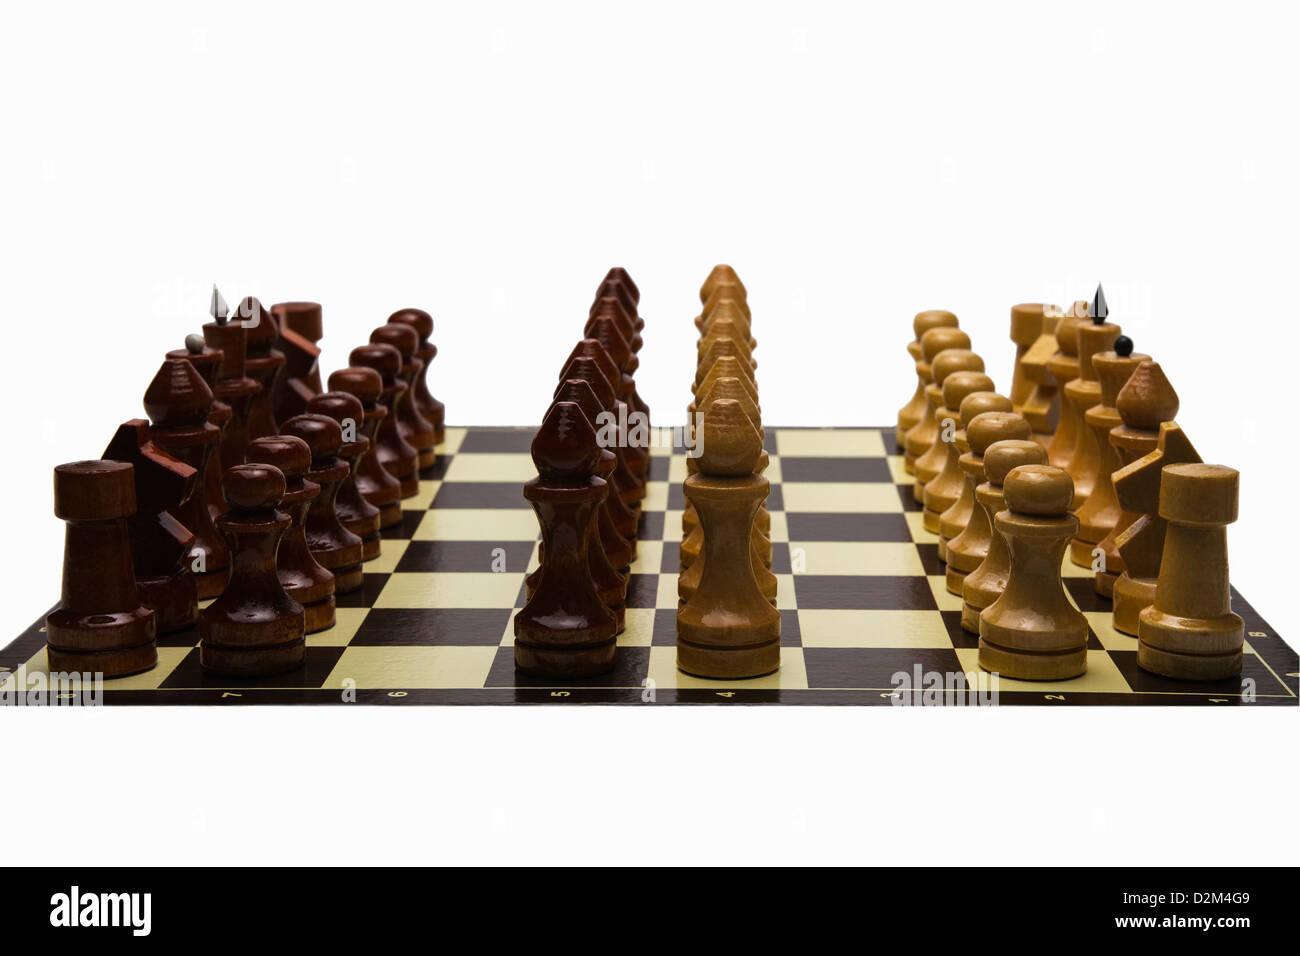 Guerra Fría. Un tablero de ajedrez con dos filas adicionales de los obispos sobre la línea del frente Imagen De Stock